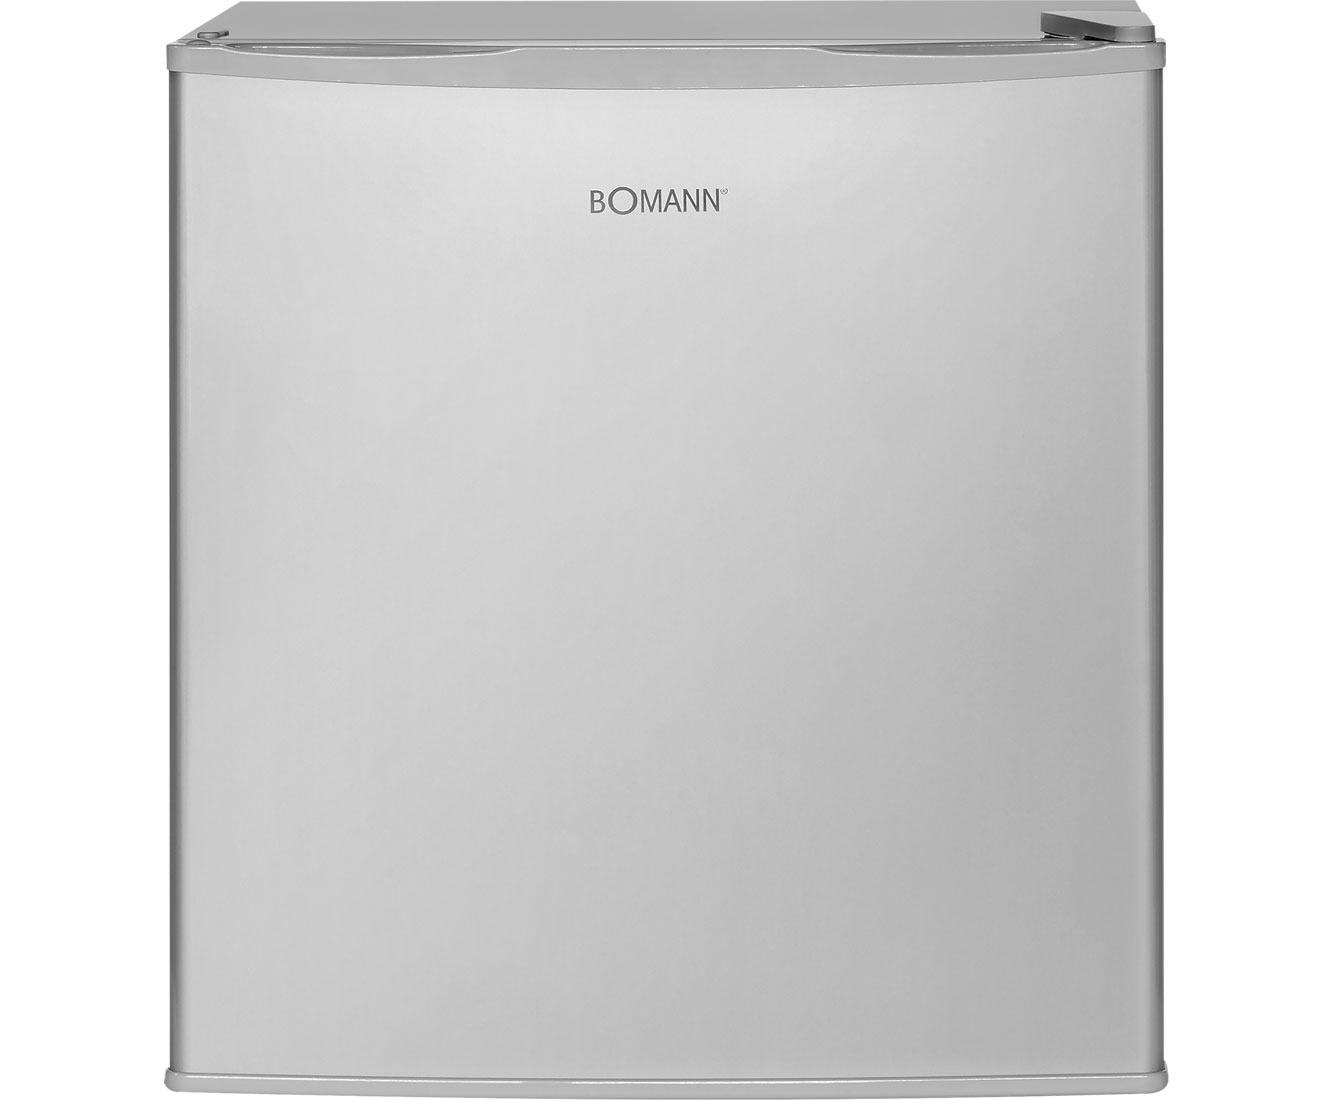 Bomann Kühlschrank Dichtung : Rabatt preisvergleich weiße ware u e kühlen gefrieren u e kühlschrank